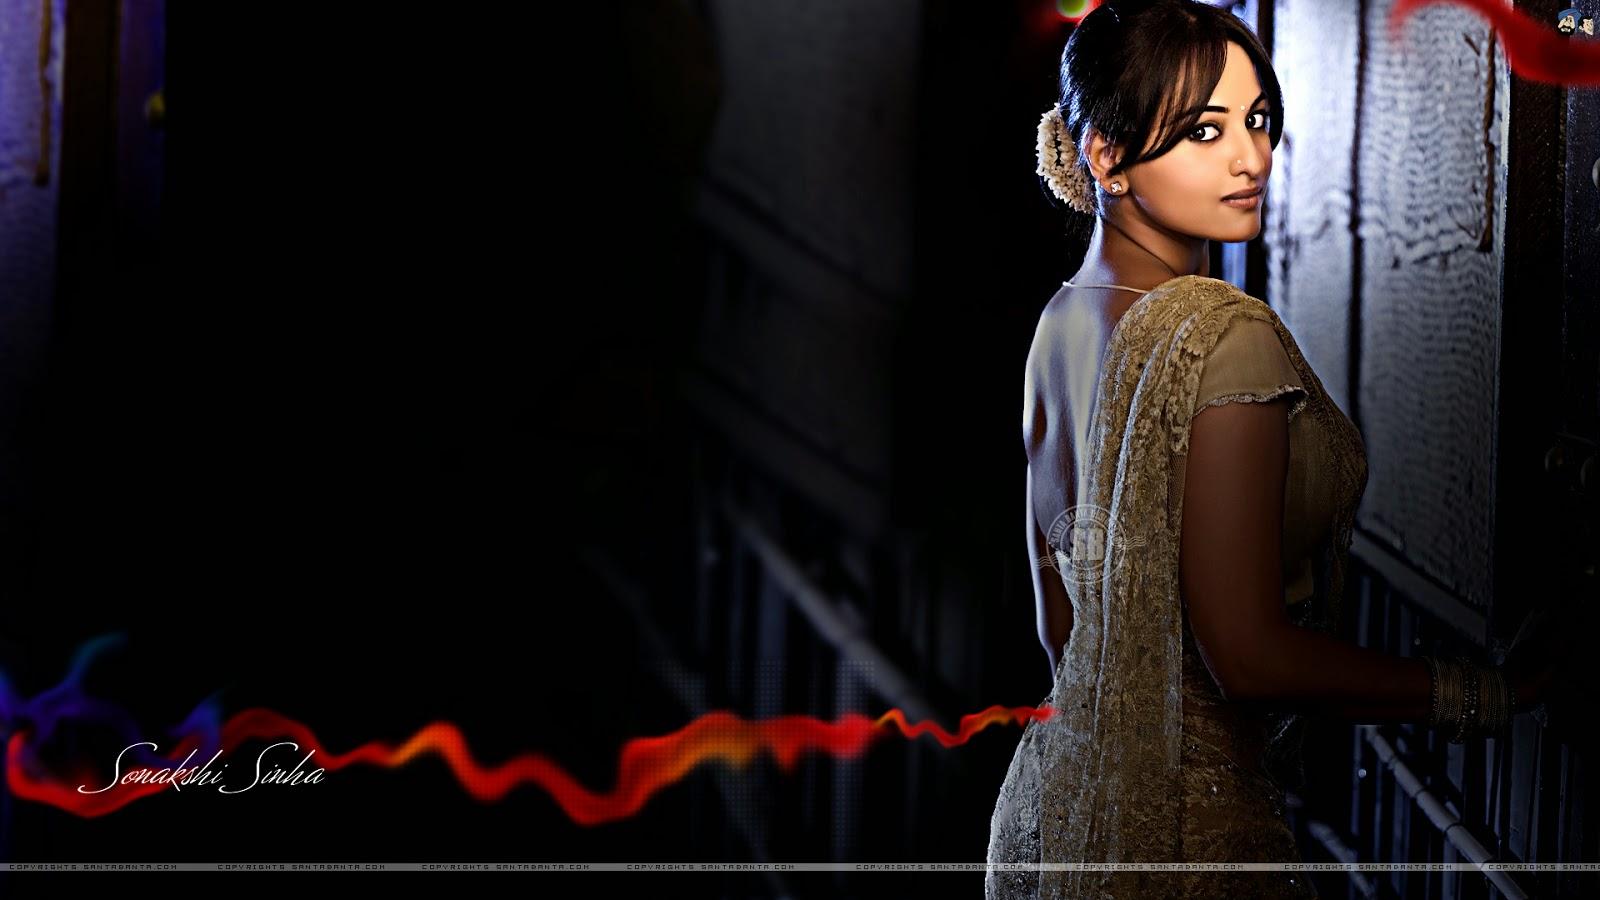 Free download full hd hot wallpapers bollywood actress sonakshi sinha photos pics image 2016 - Hollywood actress full hd wallpaper ...